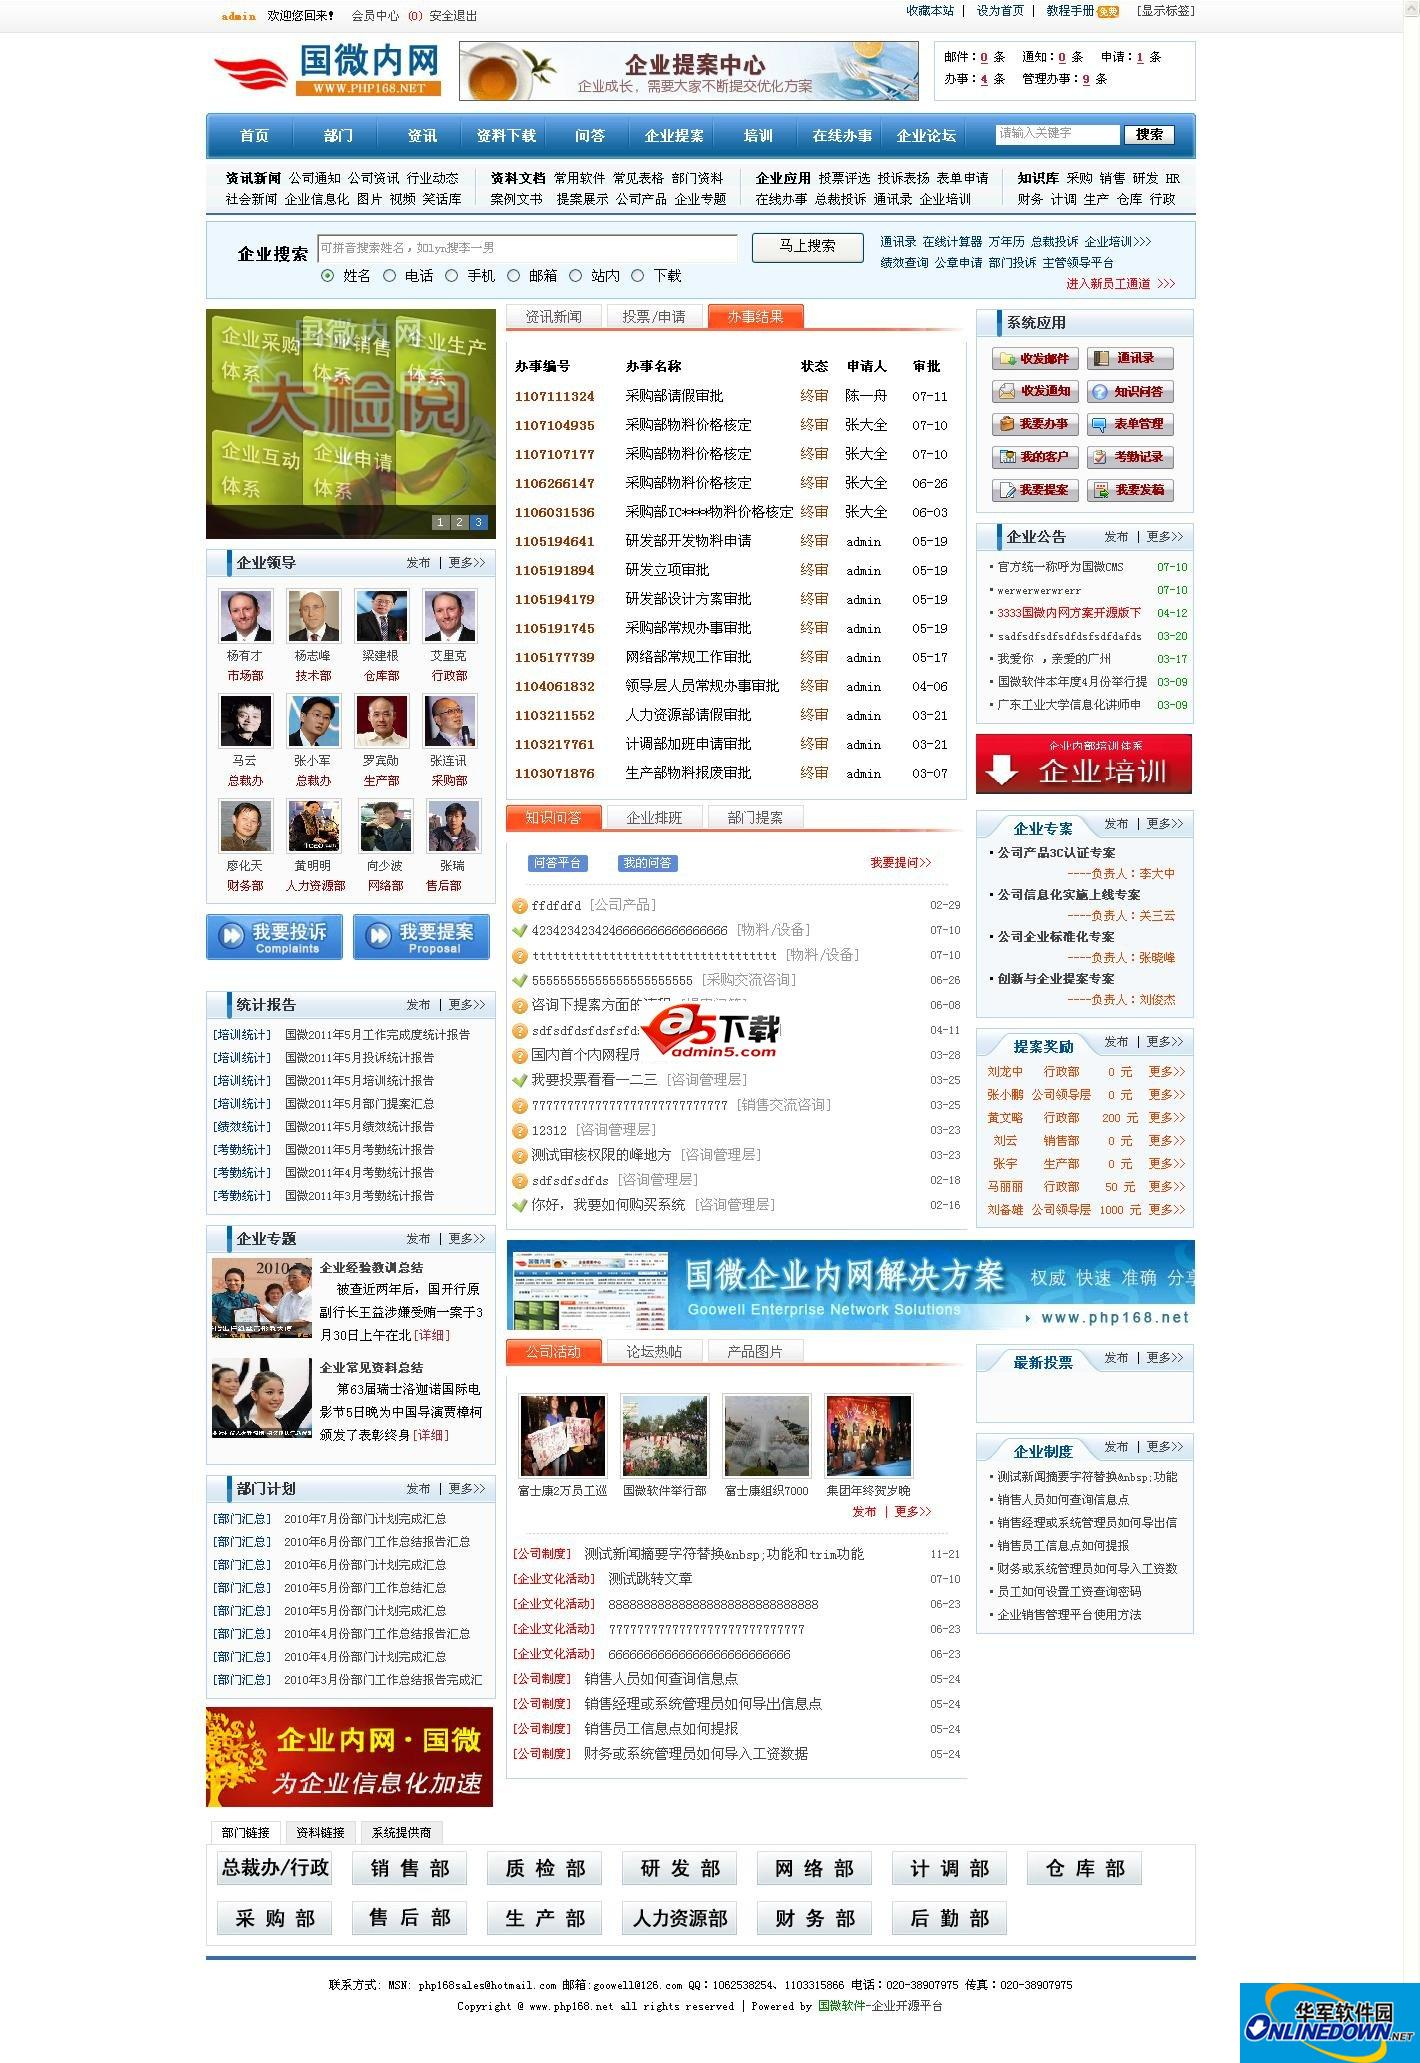 国微内网方案(PHP168 S系列)